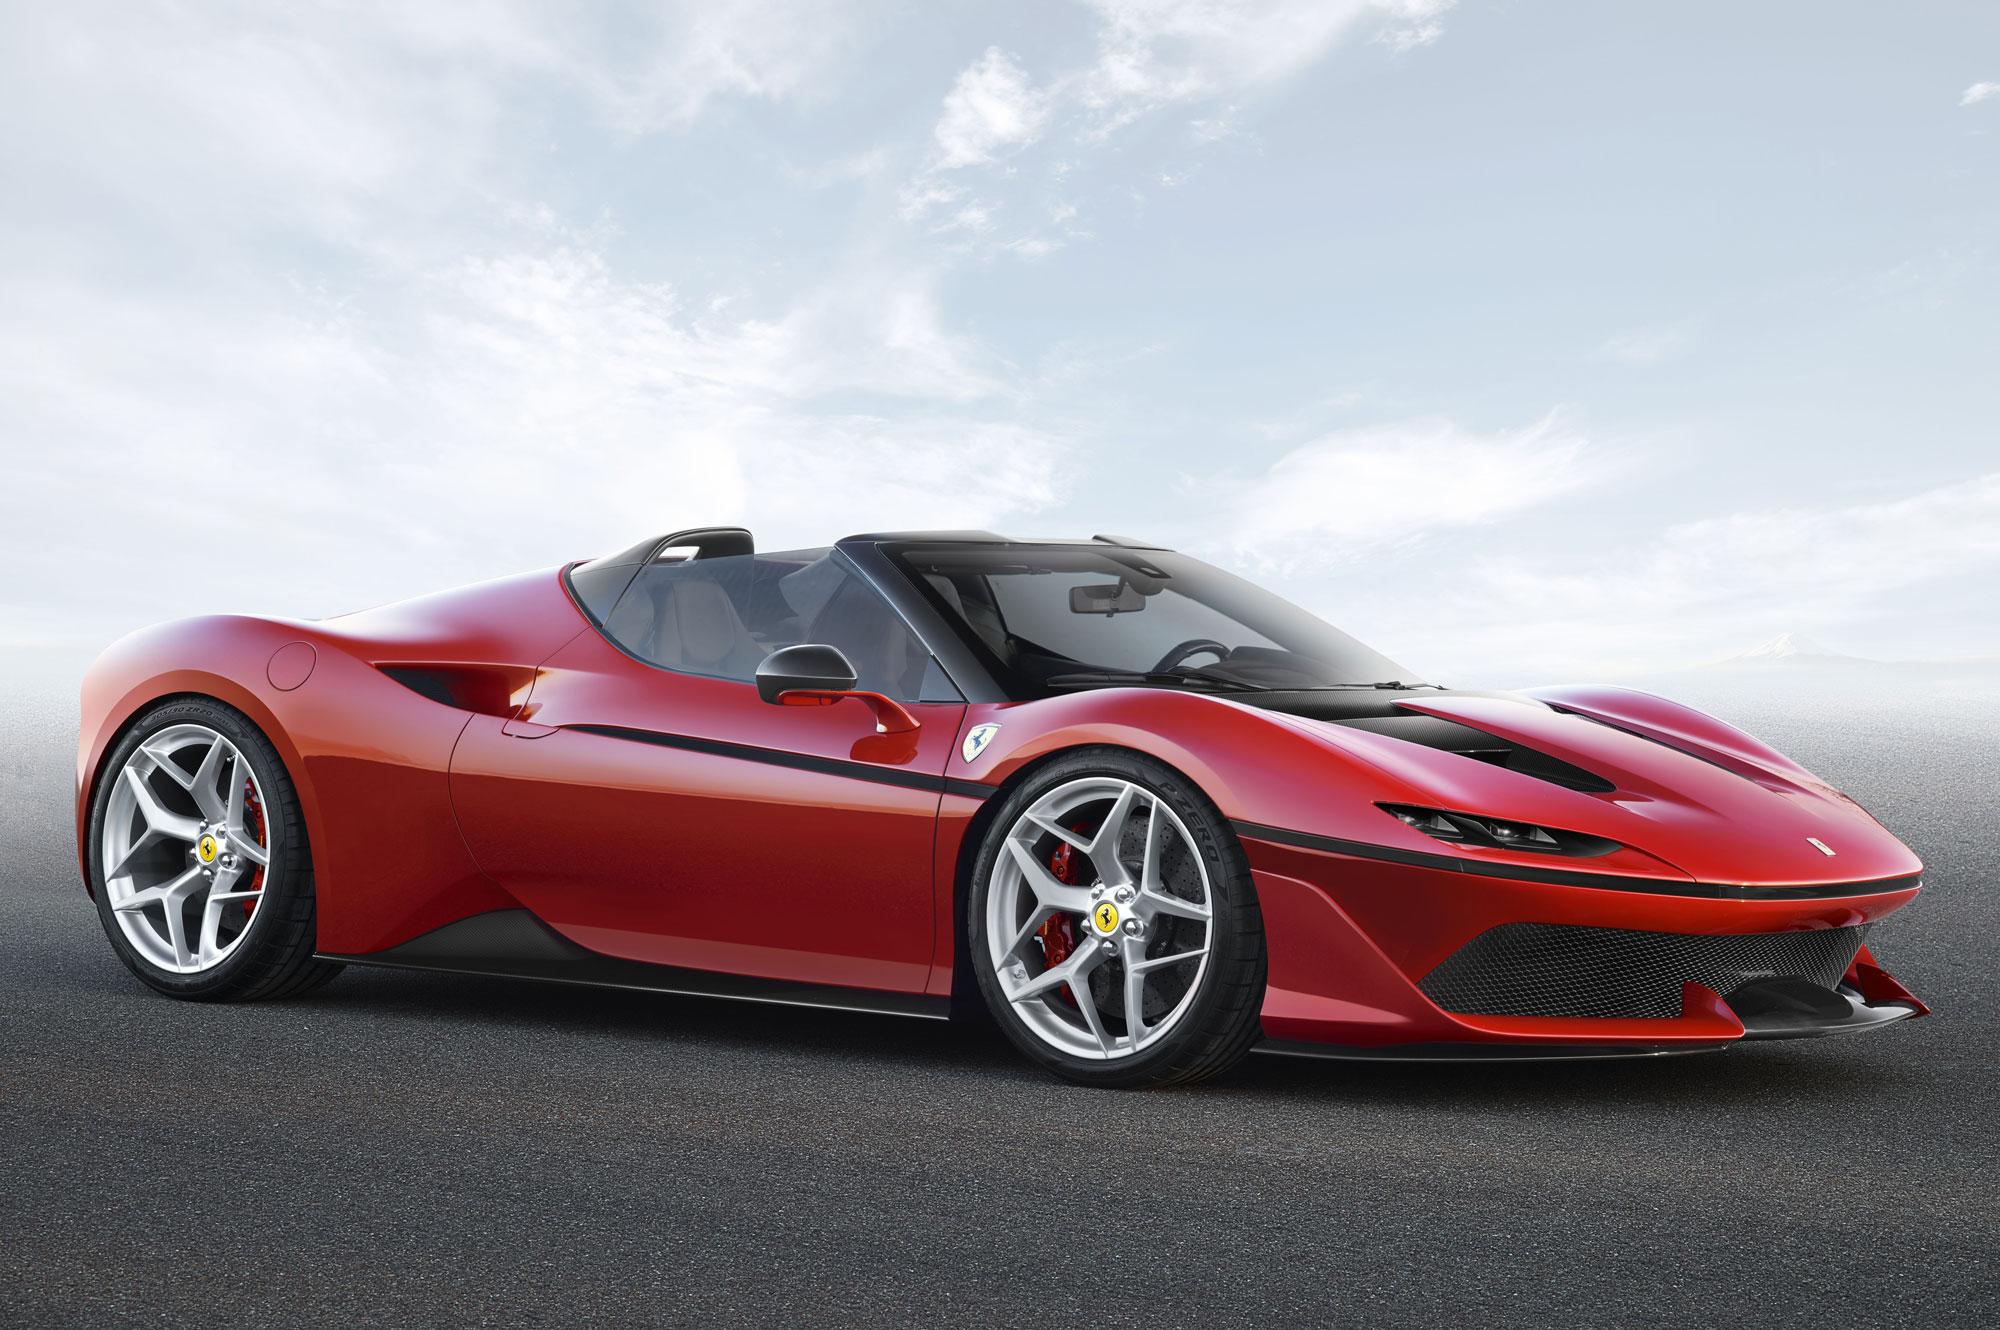 160710-car-Ferrari_J50_3_4_